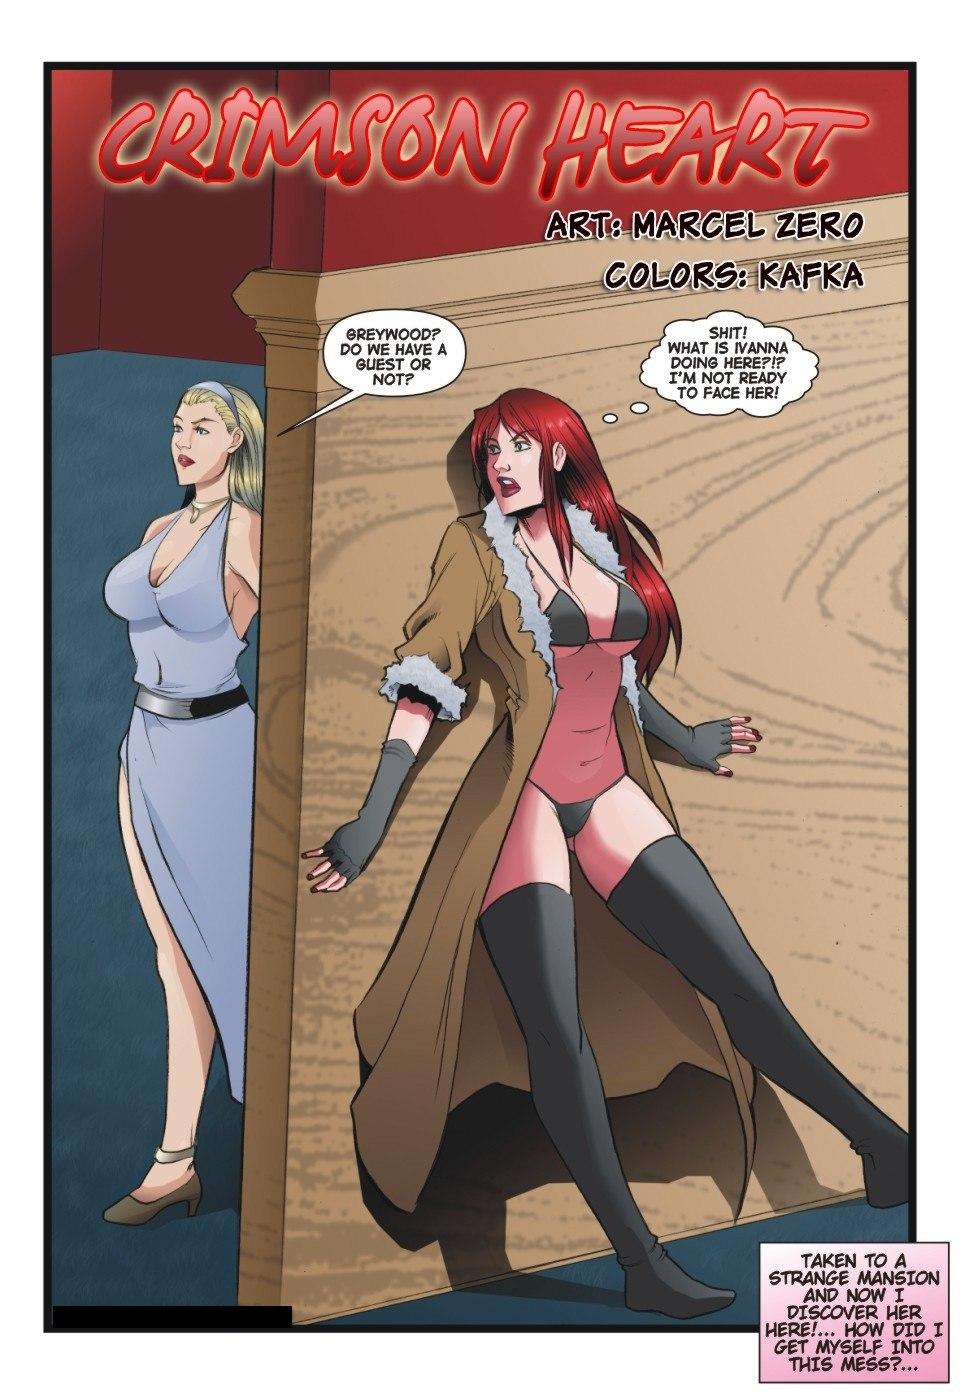 Porn Comics - Crimson Heart 4-7 Marcel Zero porn comics 8 muses